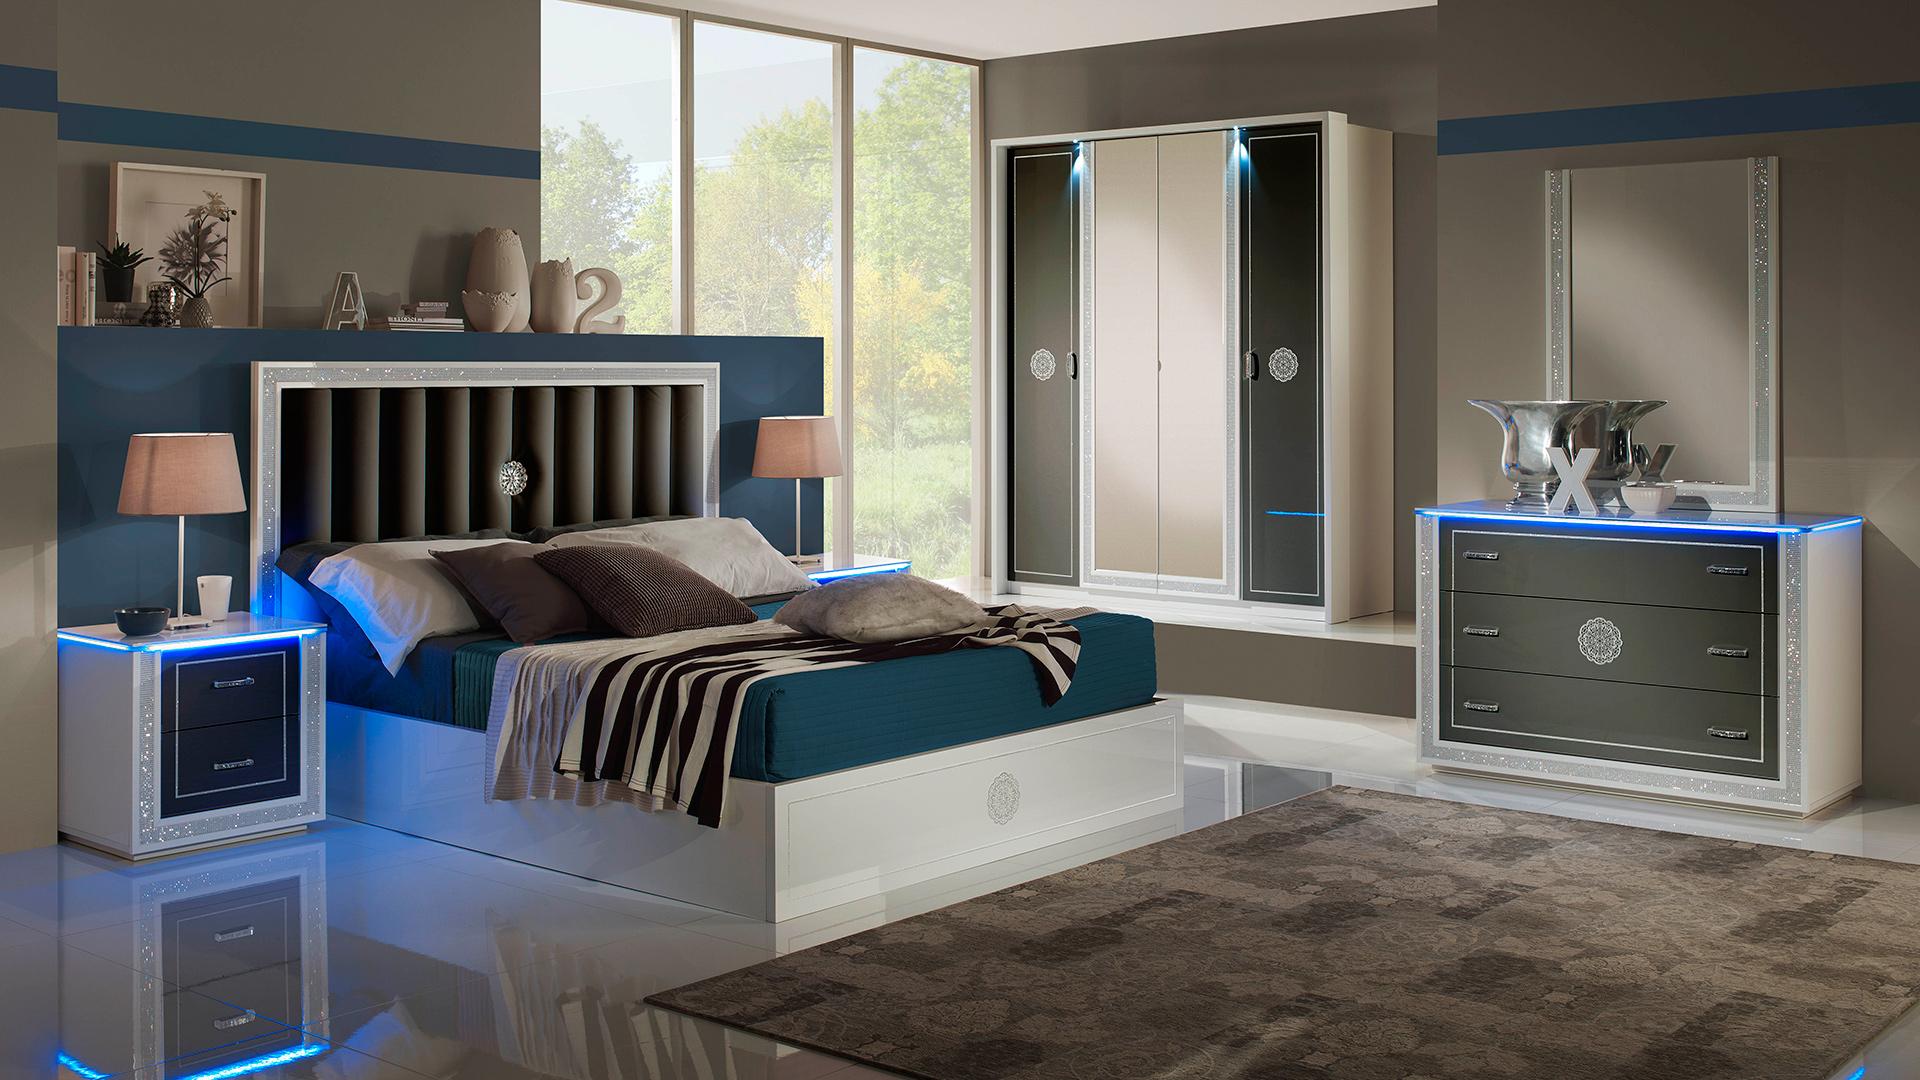 Kleiderschrank Schlafzimmer | Cristal Weiss Mit 4 Trg Kleiderschrank Schlafzimmer Yuvam